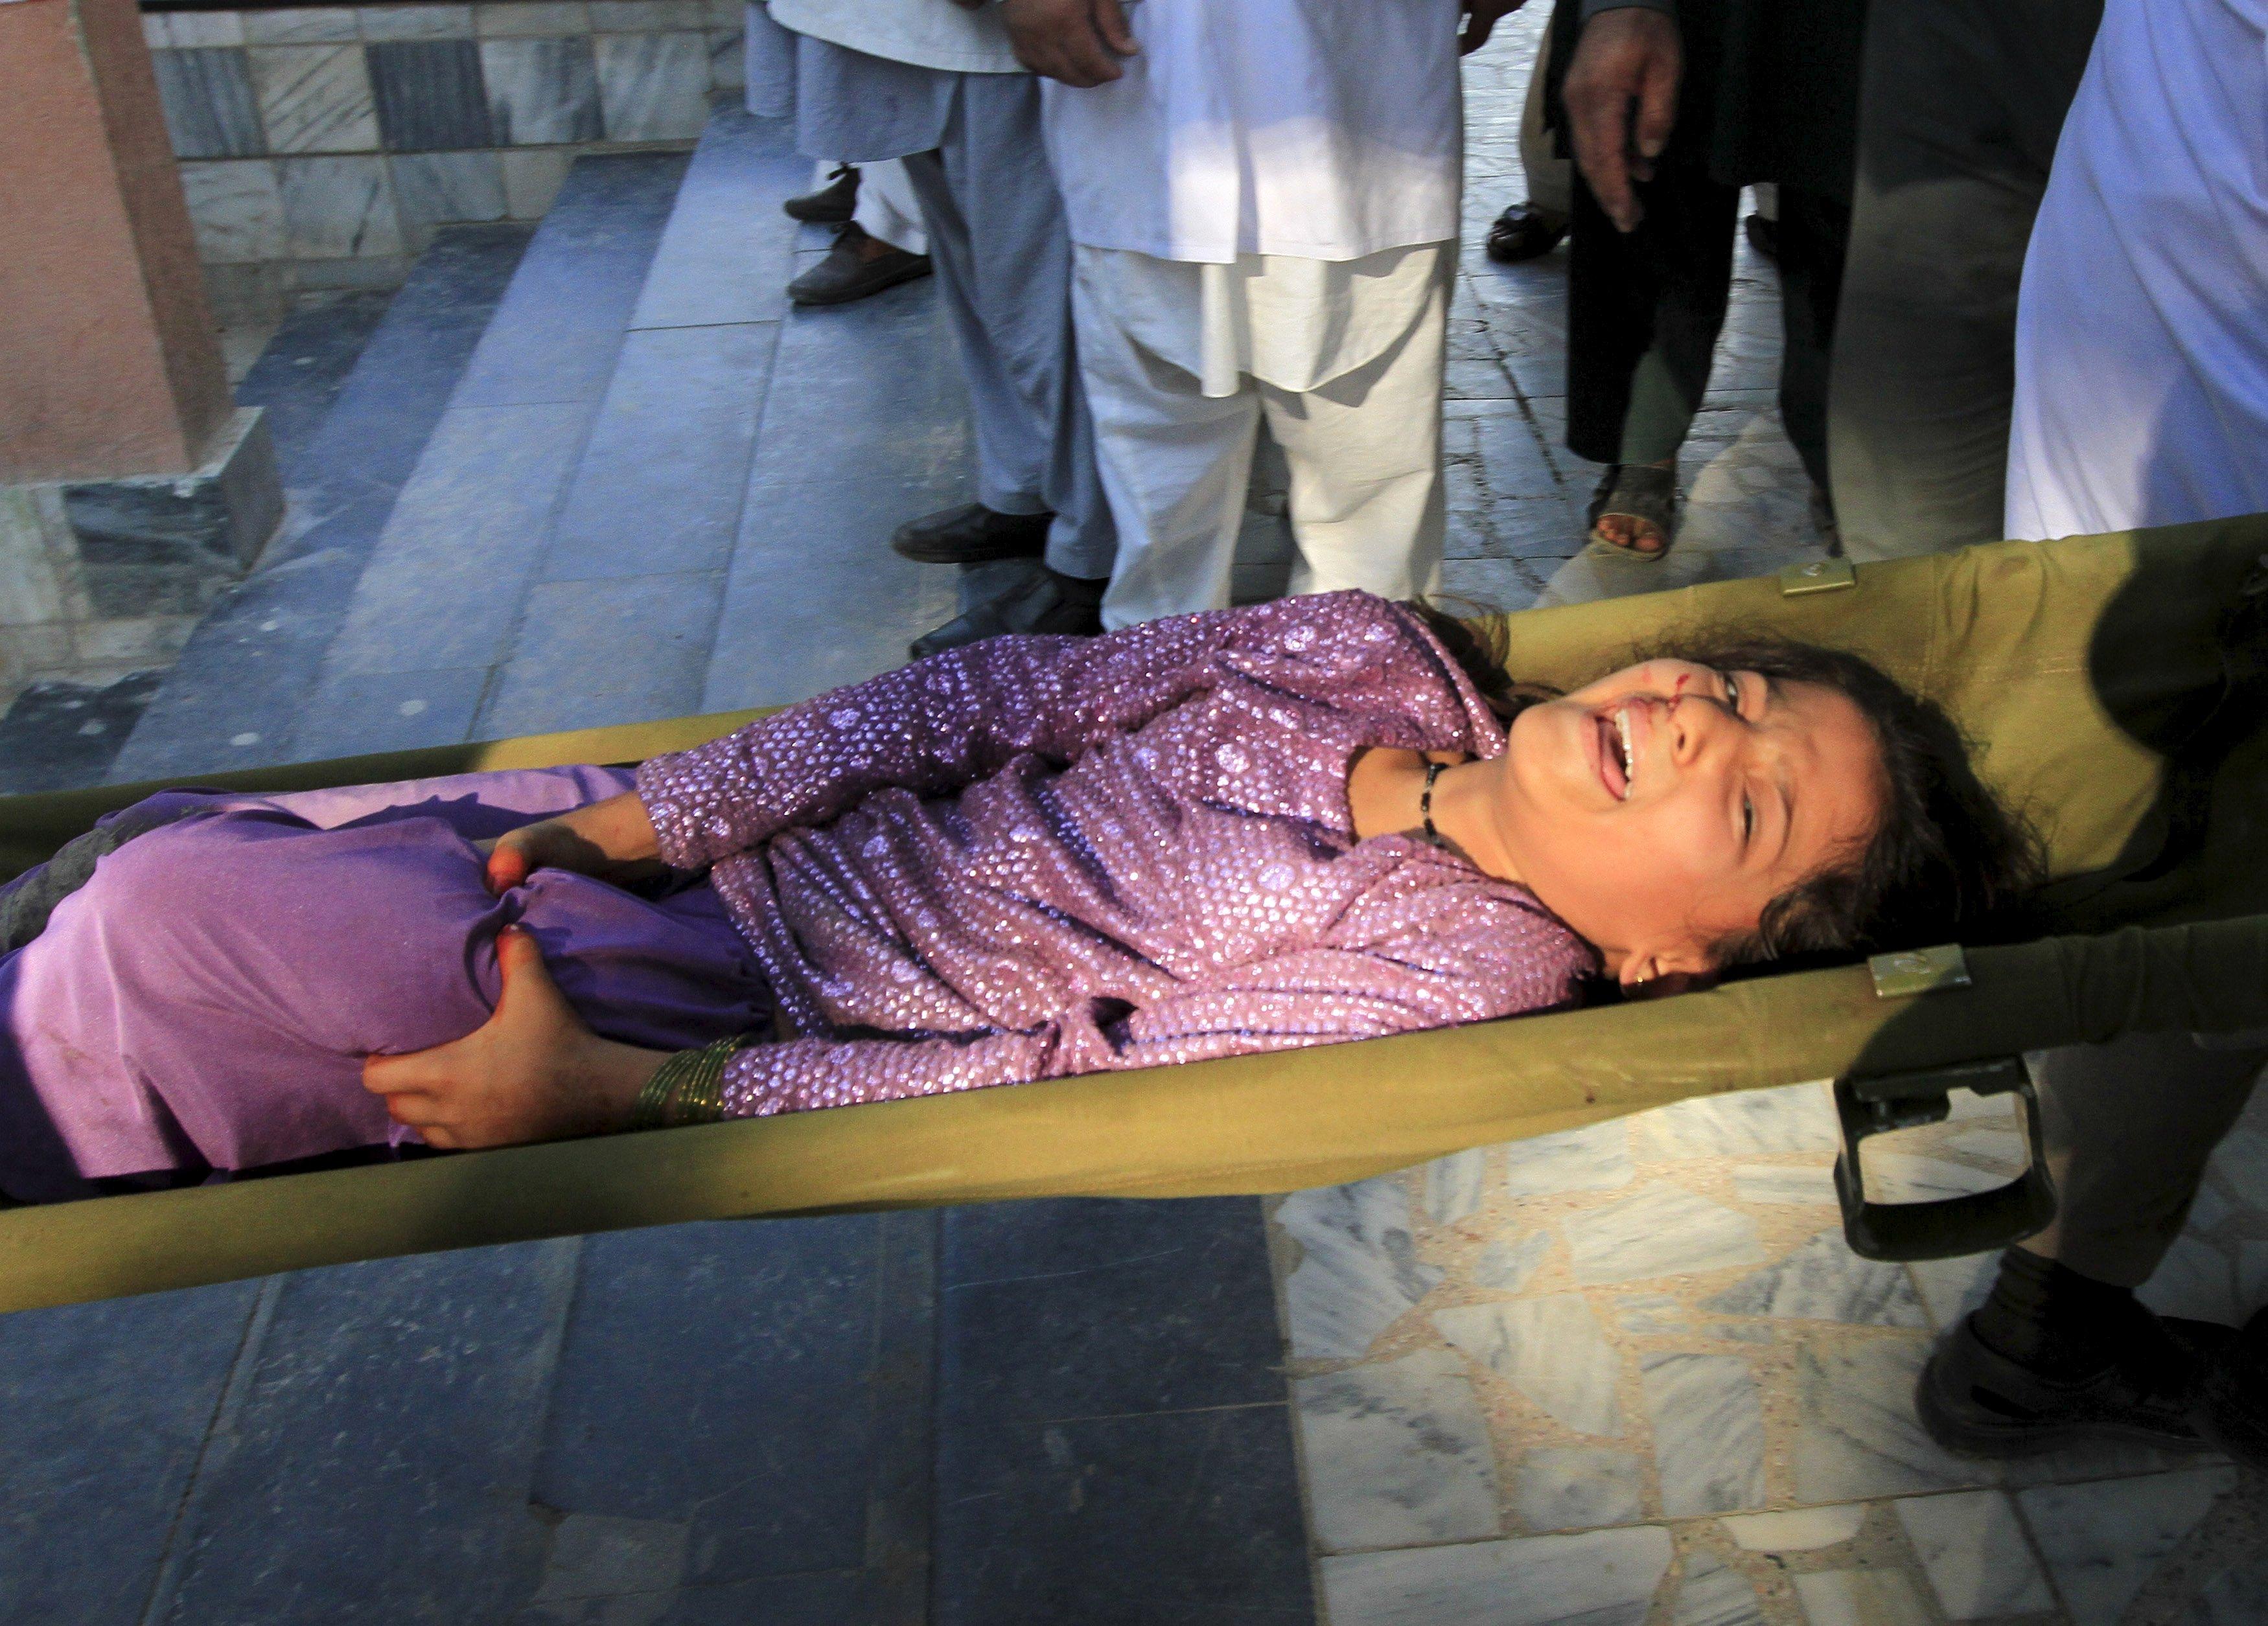 Regu penyelamat membawa seorang anak perempuan yang terluka setelah gempa, di sebuah rumah sakit di Jalalabad, Afganistan, Senin (26/10). Gempa kuat terjadi di sebuah daerah terpencil timur laut Afganistan pada hari Senin (26/10), mengguncang ibukota Kabul, dan getaran juga dirasakan di India bagian utara dan di ibukota Pakistan, ratusan orang berhamburan keluar dari gedung saat tanah di bawah mereka bergerak. REUTERS/ Parwiz.